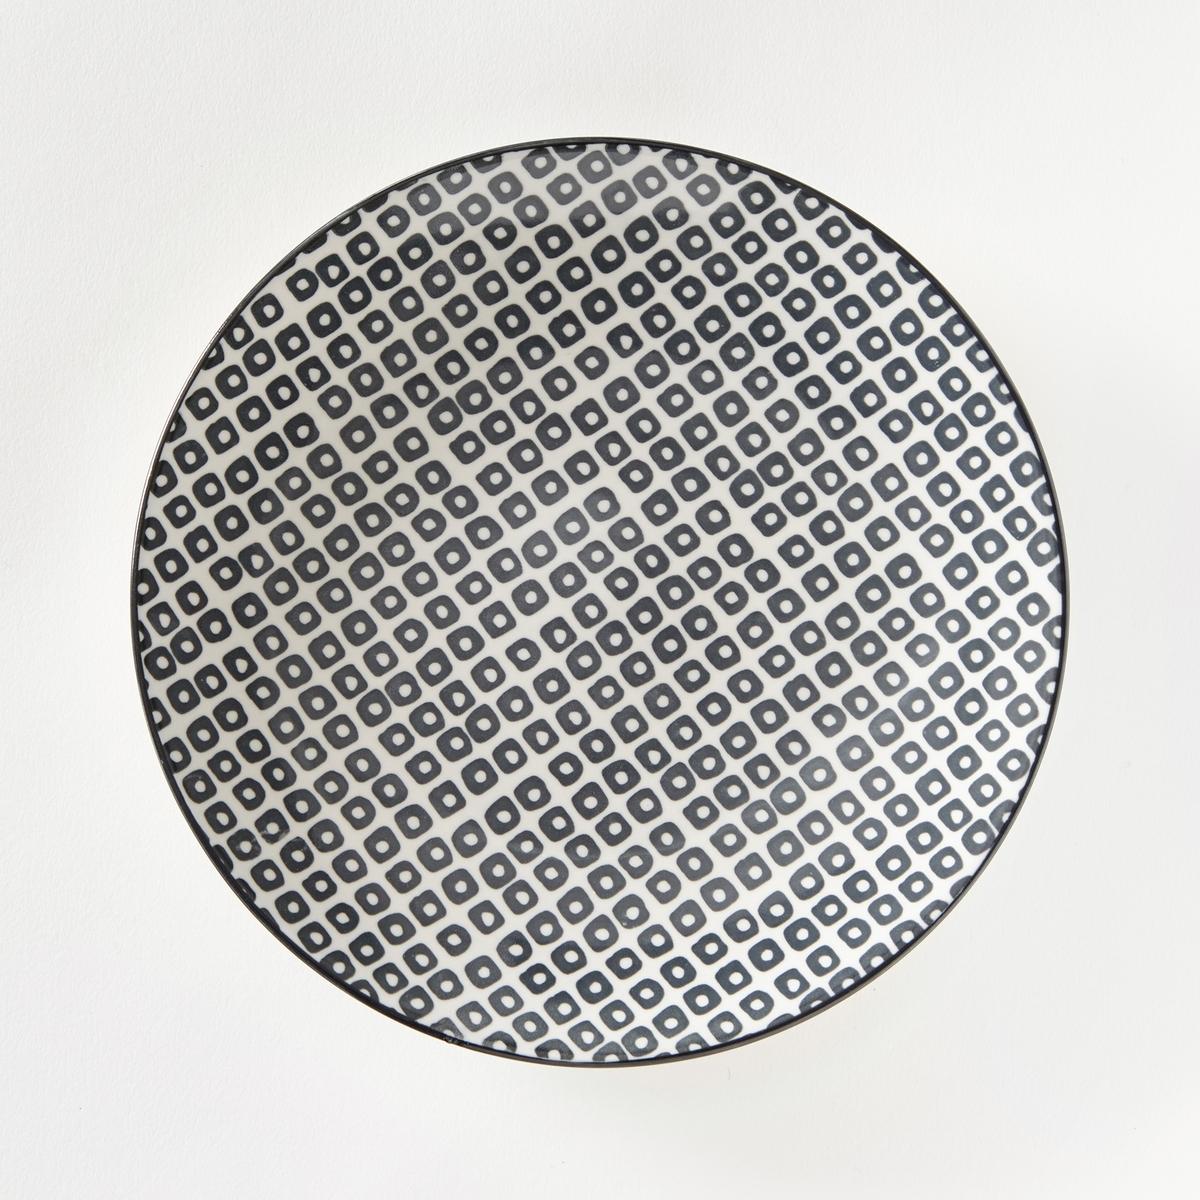 Комплект из 4 десертных тарелок из фарфора Akiva4 тарелки десертные с мелким рисунком в скандинавском стиле Akiva . Завтрак, обед или ужин, La Redoute Int?rieurs Вас приглашает к столу.Характеристики 4 тарелок десертных с мелким рисунком в скандинавском стиле Akiva   :- Маленький геометрический скандинавский рисунок, в стиле ретро.- Контрастная окантовка по контуру .- Из фарфора.- Диаметр 21,5 см  .- Можно использовать в посудомоечных машинах и микроволновых печах.Мелкие тарелки, миски и кружки Akiva представлены на сайте laredoute.ru<br><br>Цвет: кремовый/черный,экрю/розовый